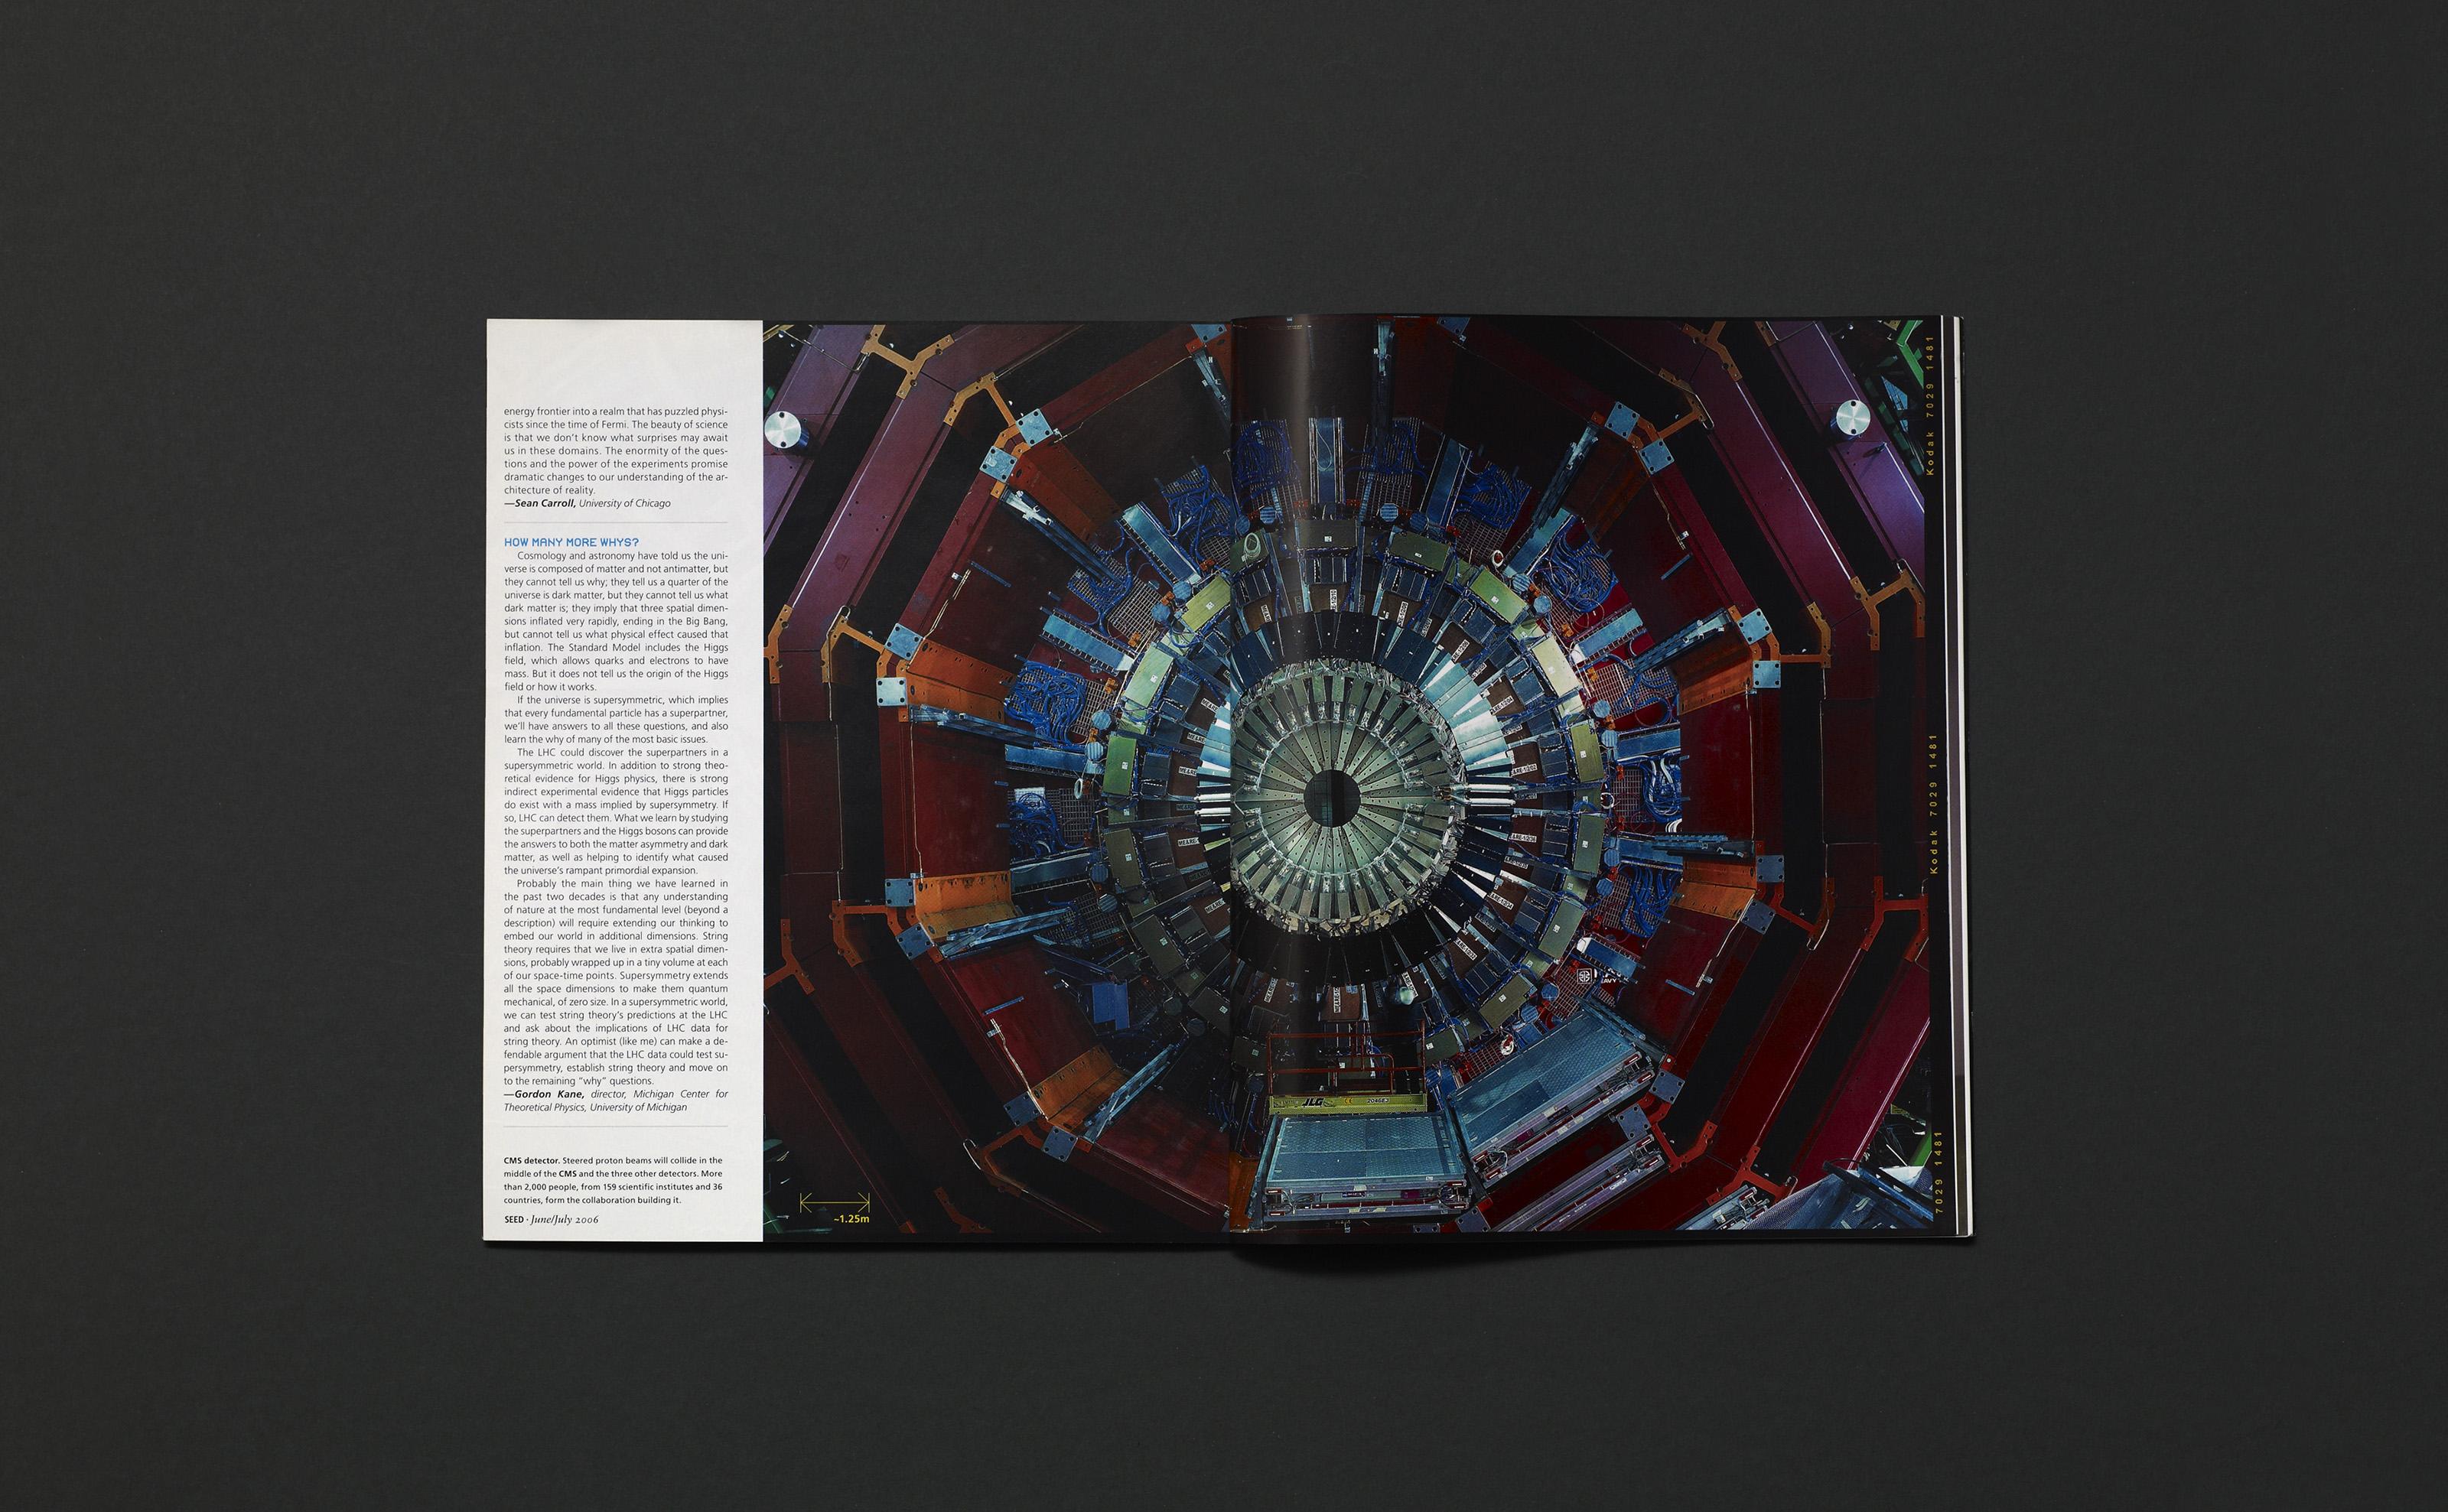 SEED magazine CERN supercollider issue